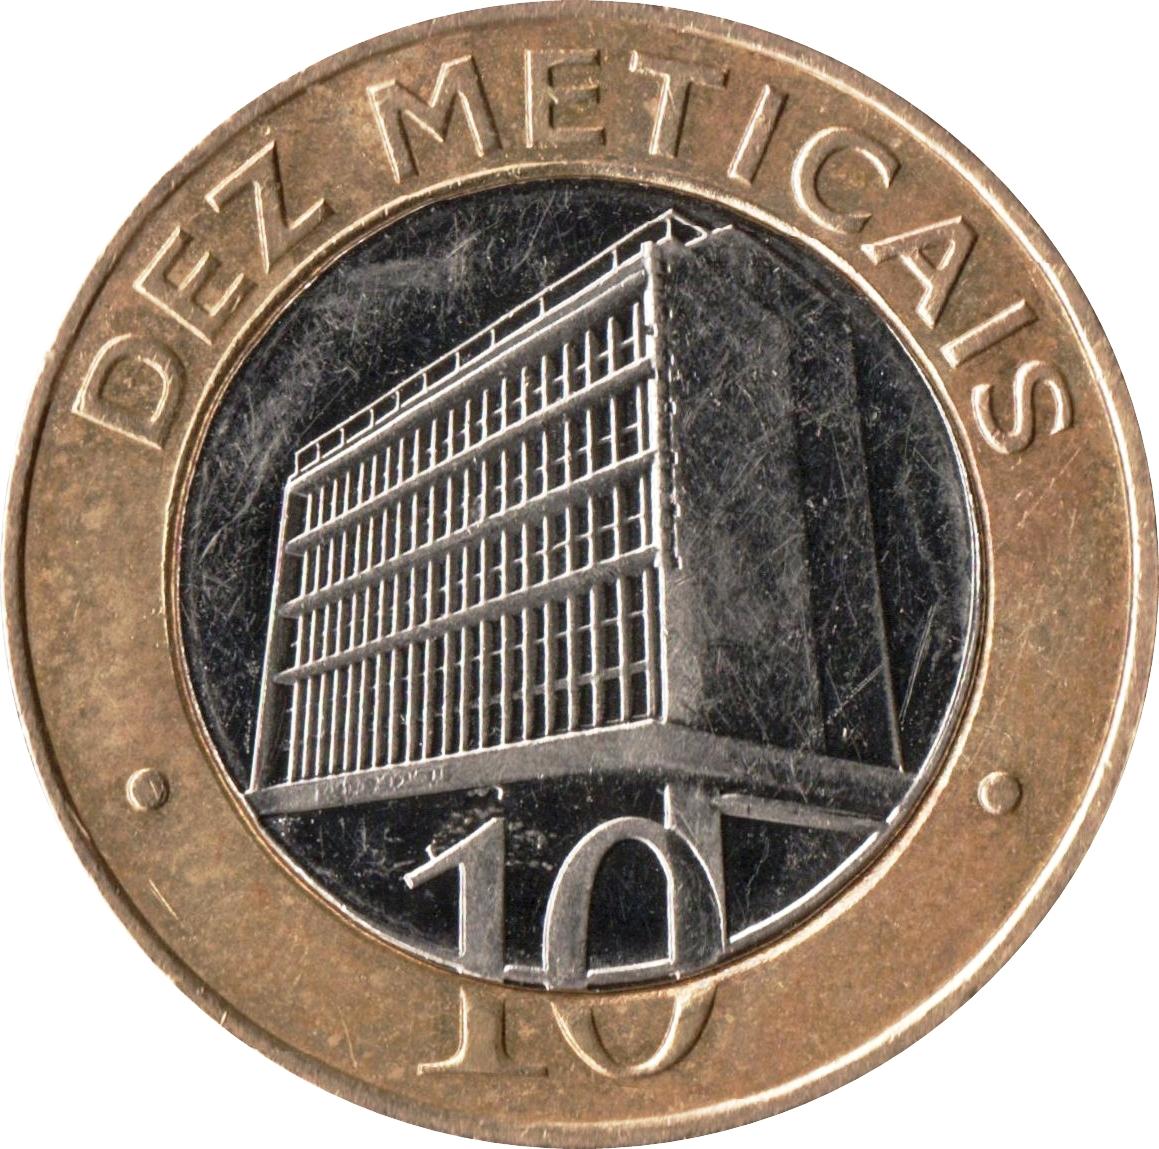 1 5 10 20 50 Centavos 1 2 5 10 Meticais set 9 coins 2006-2012 Mozambique